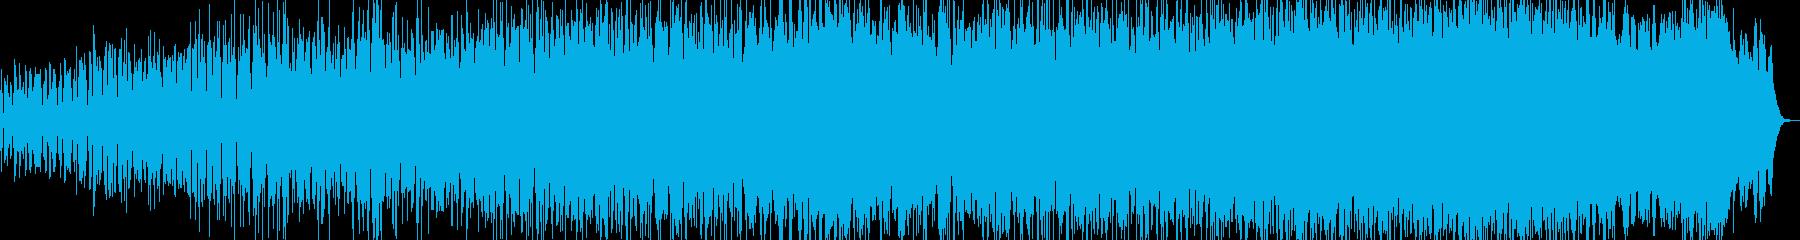 レトロフューチャー風のミニマルテクノの再生済みの波形